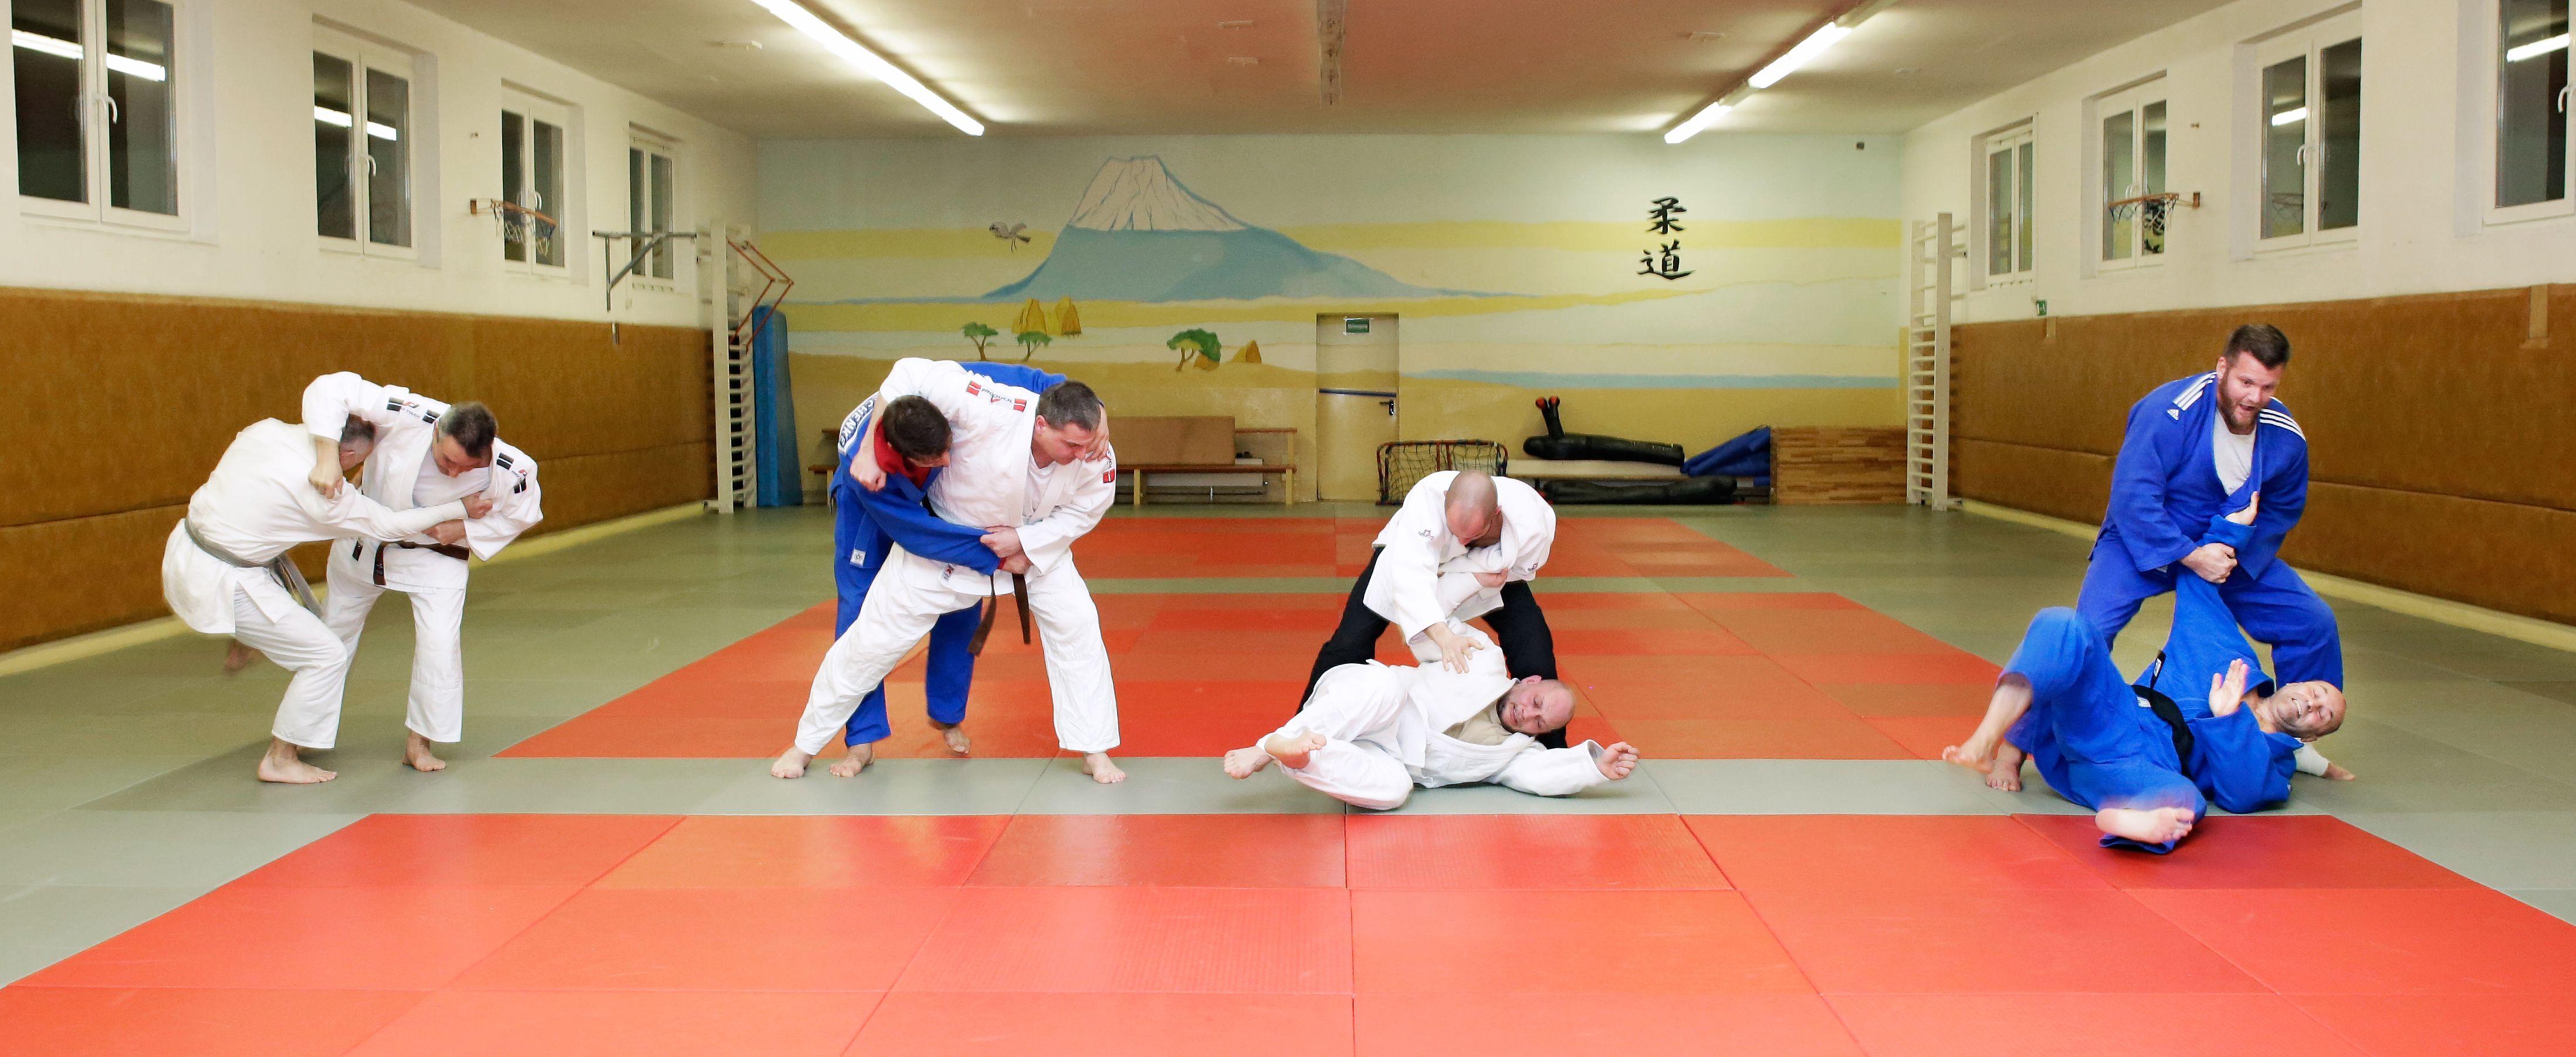 Slider1_Judo-compressor